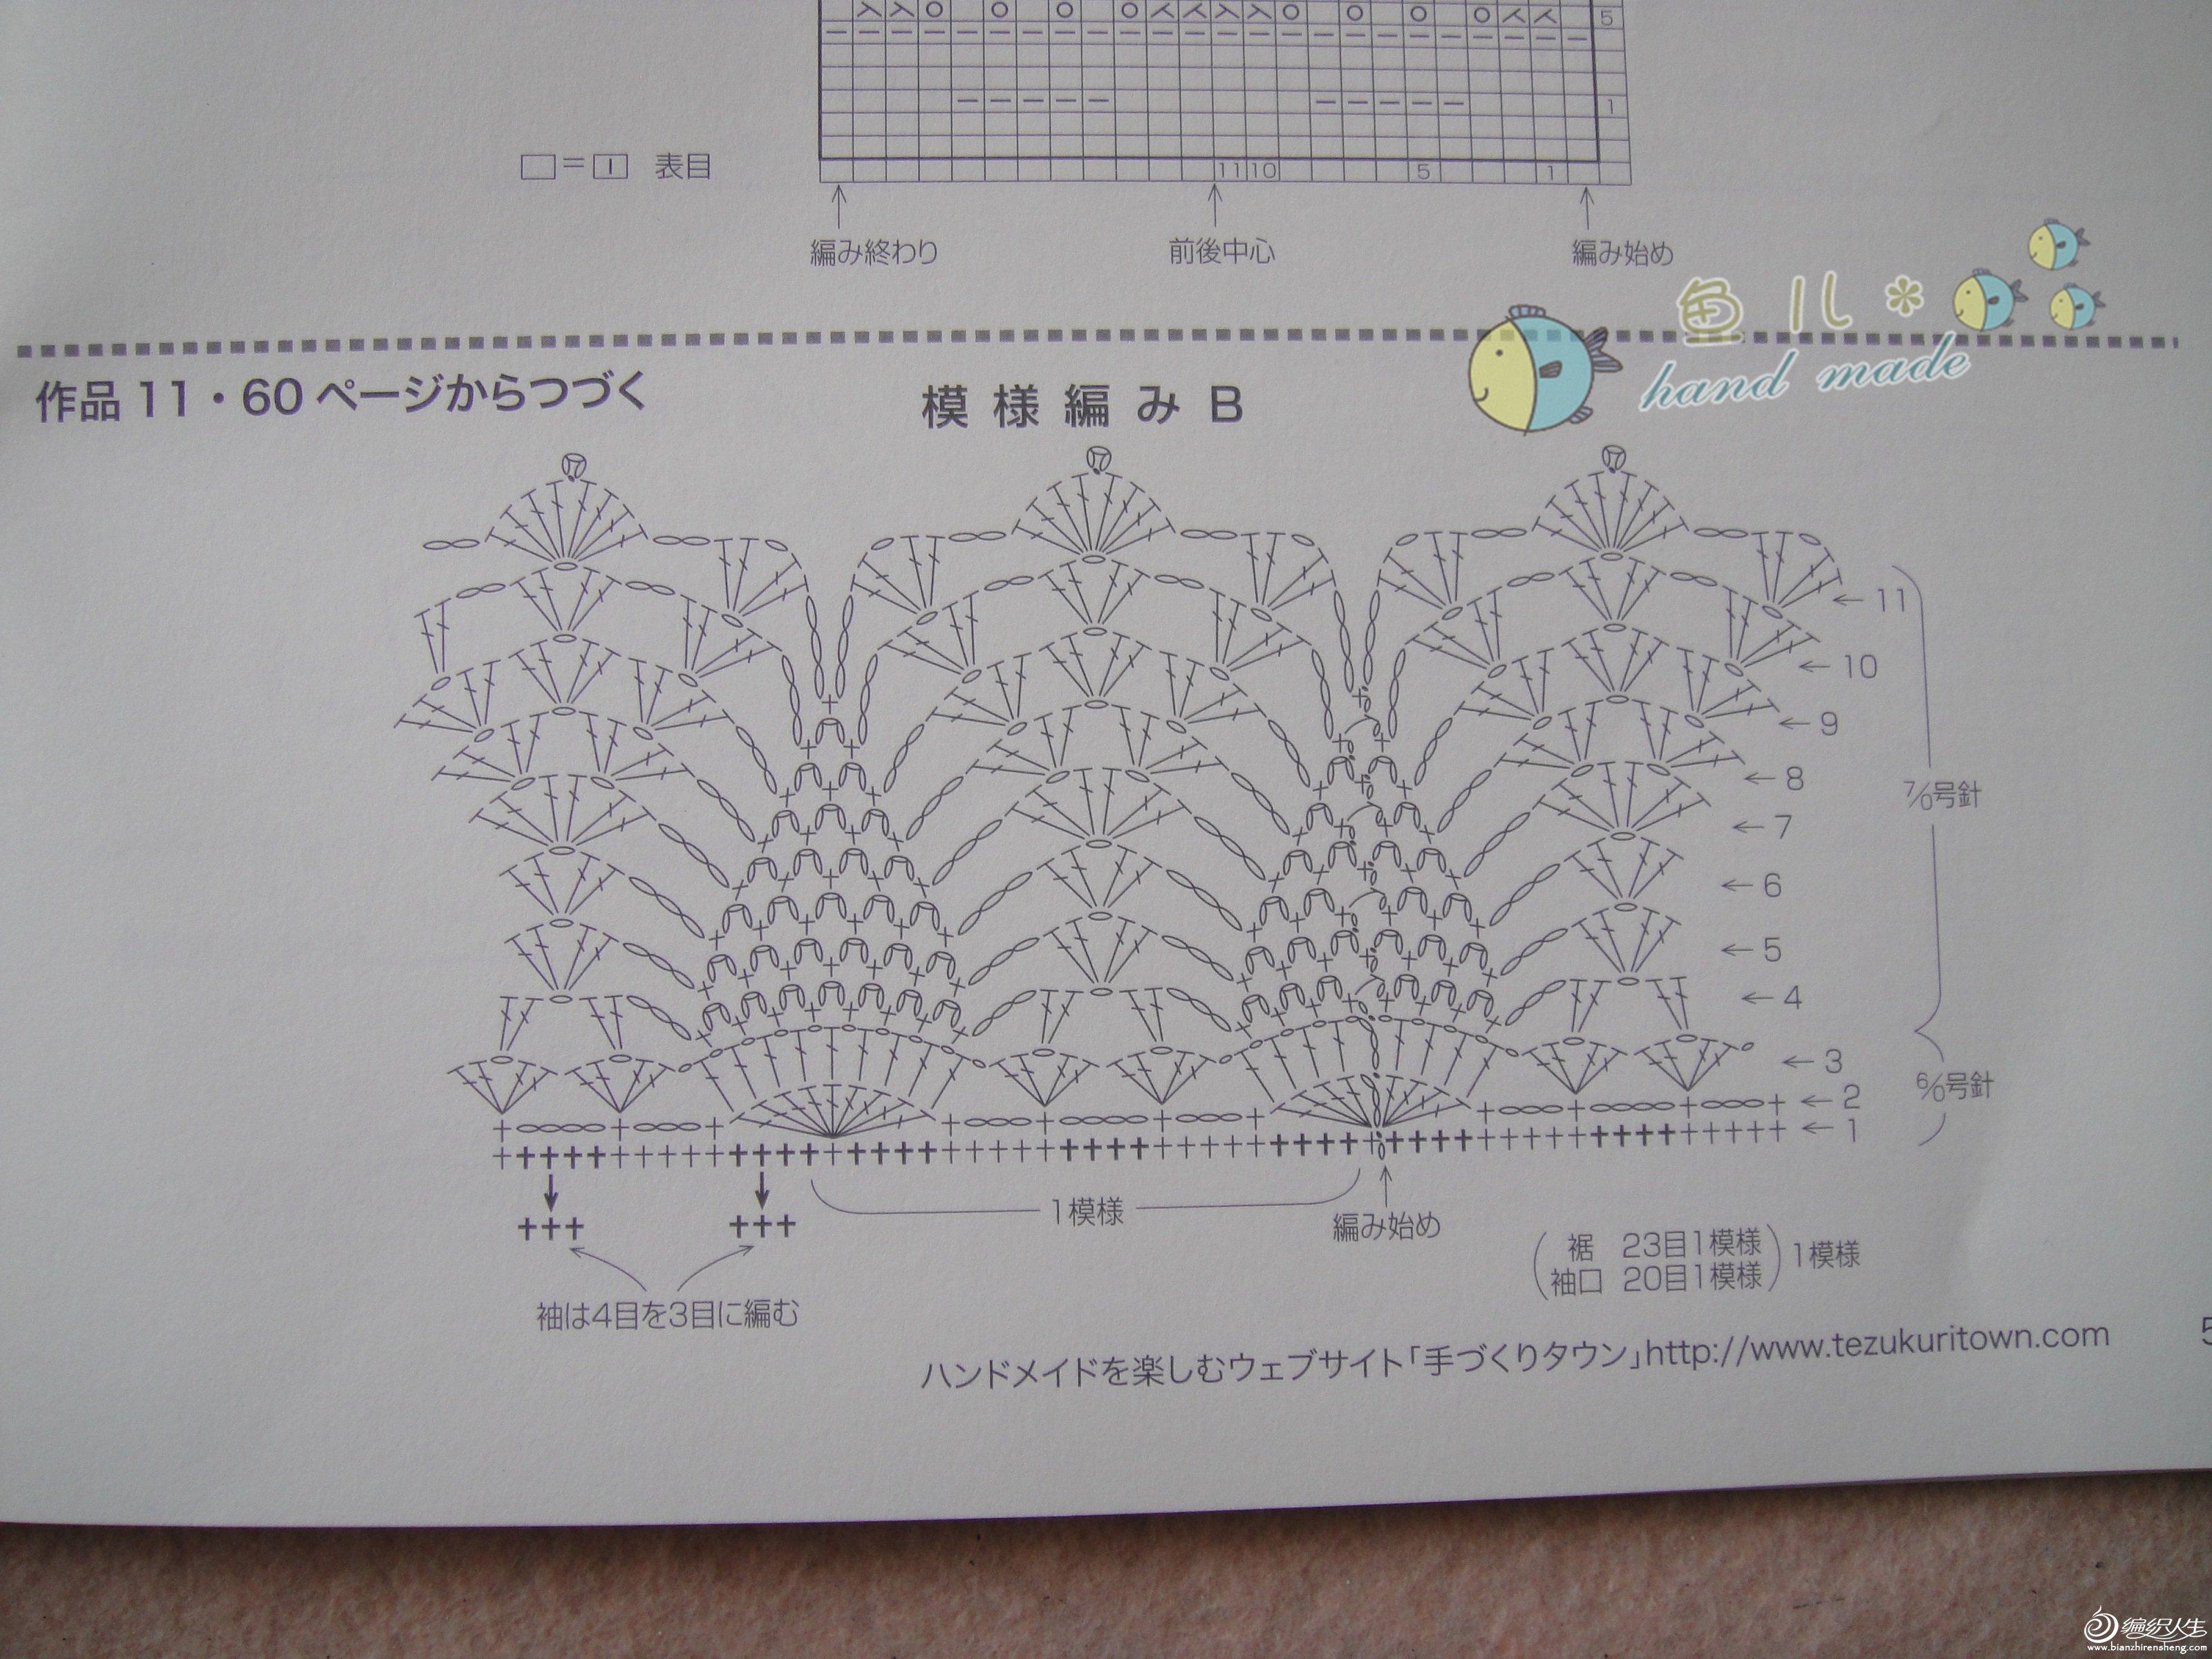 菠萝空调面板接线图